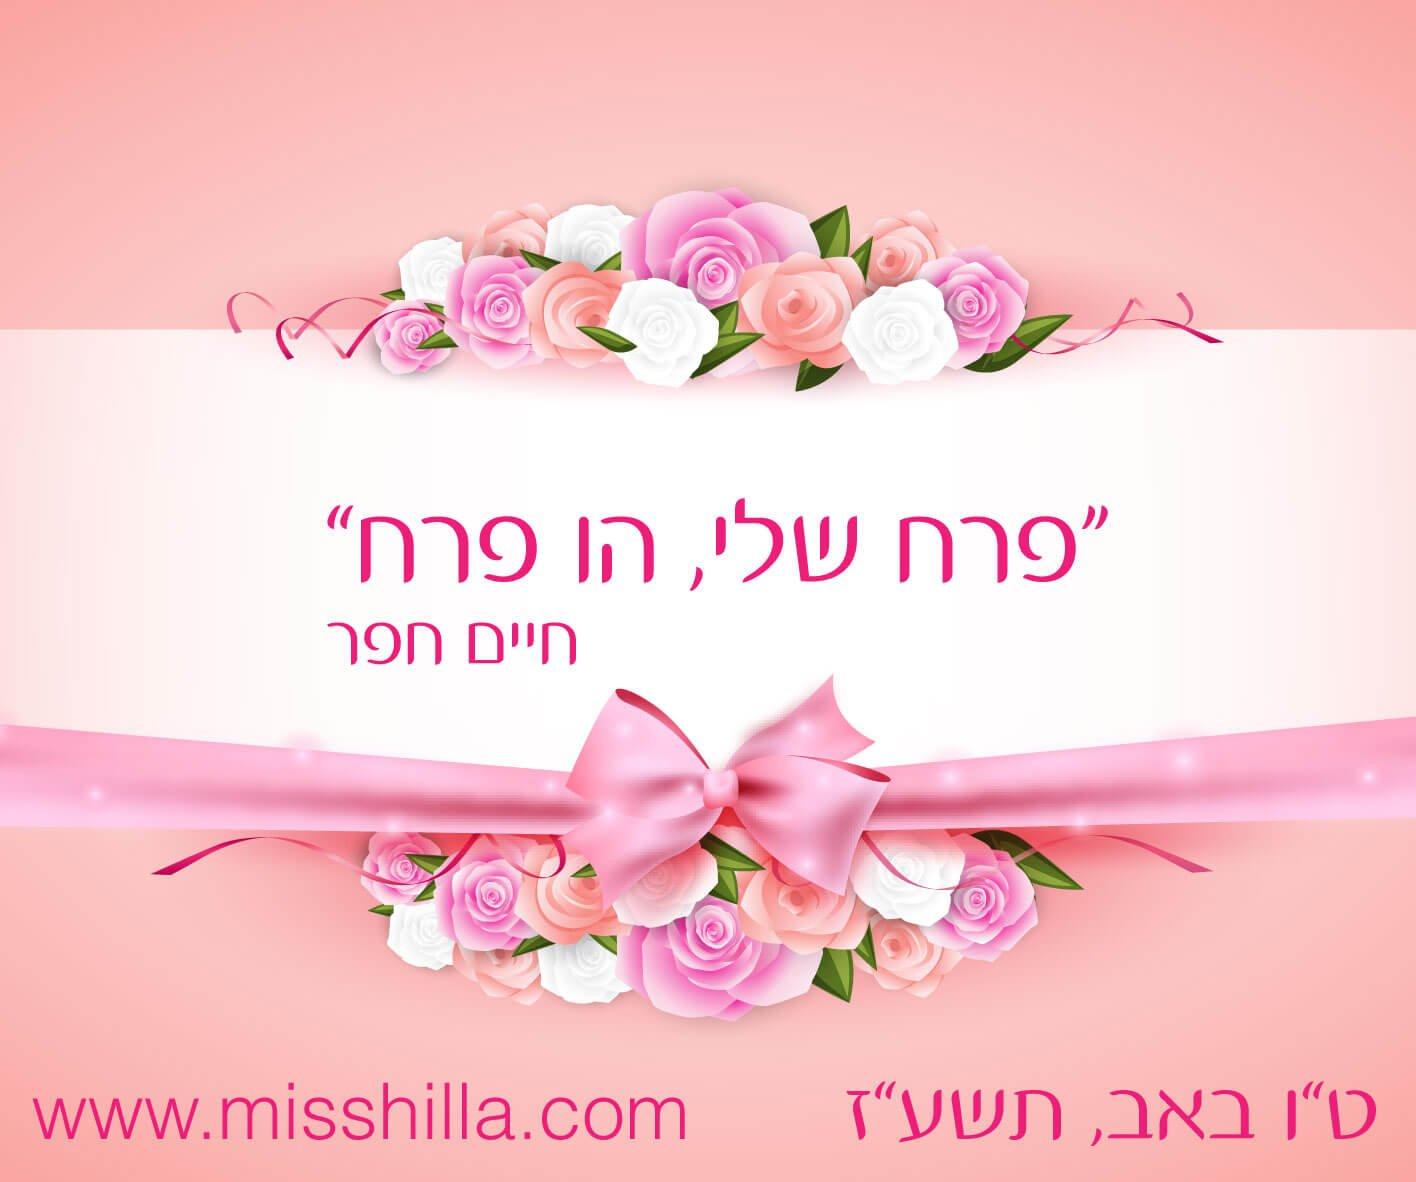 """ברכה מעוצבת לט""""ו באב עם פרחים מצועצעים בגוונים ורודים וכתומים"""